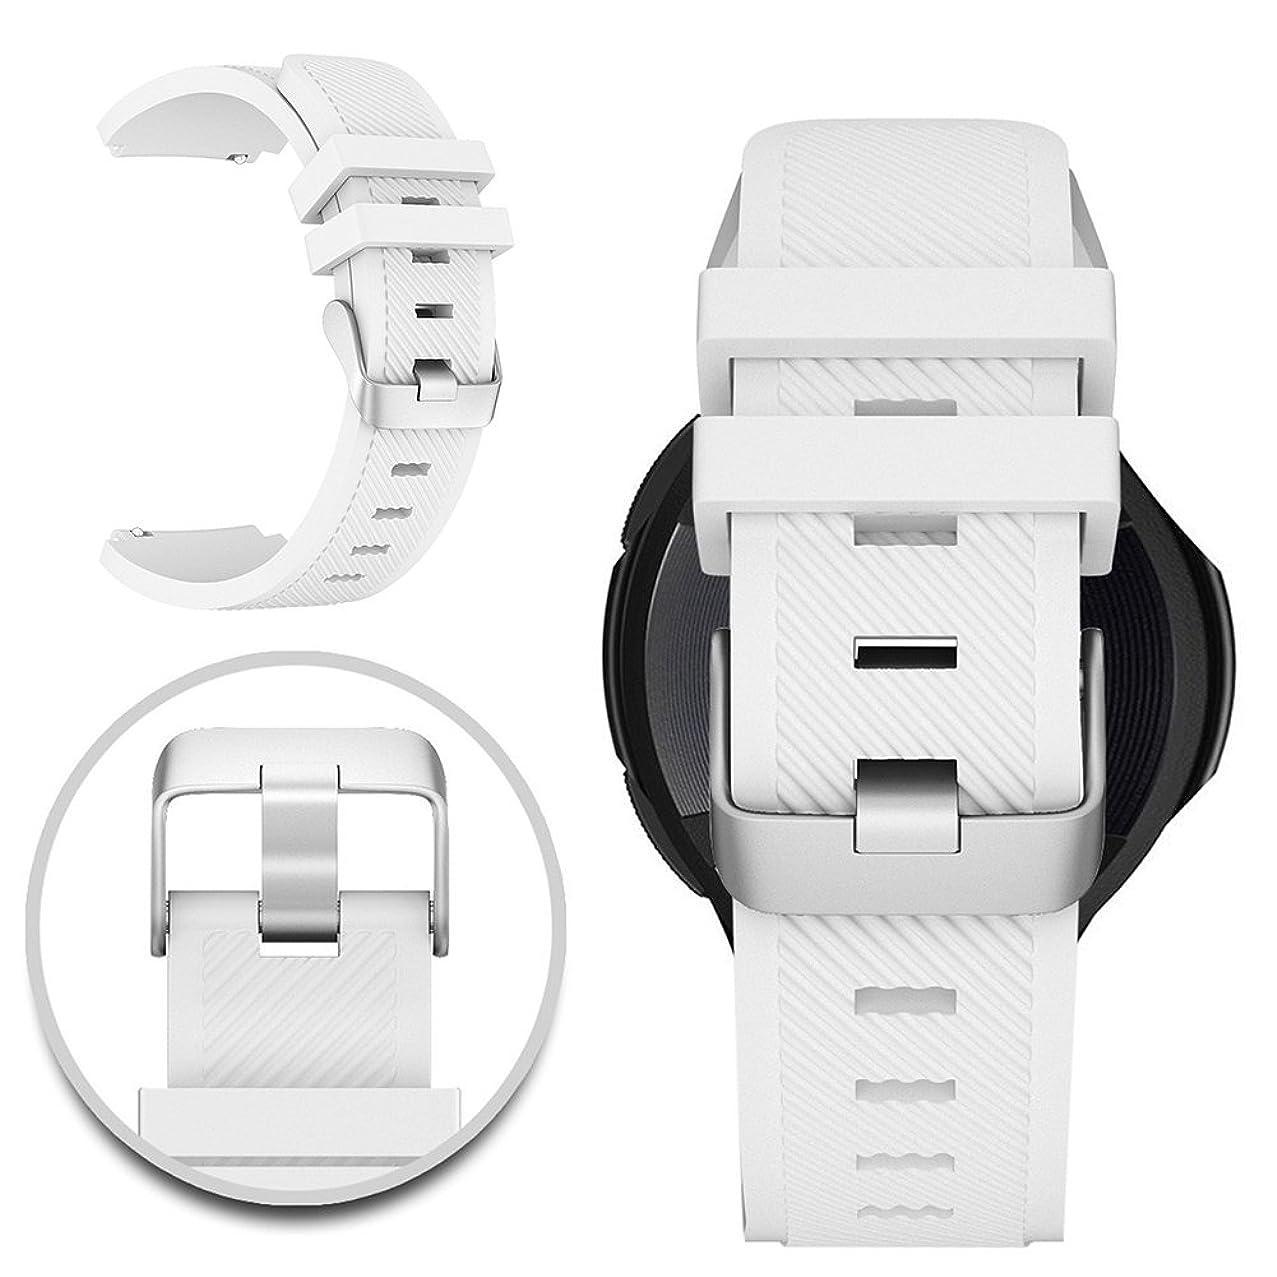 意気込み早く気づかないMaxku Galaxy Gear S3 Frontier/Classic Watch バンド 交換ベルト 高級シリコンベルト 通気穴設計 柔軟でスポーツ仕様 多色選択 (ホワイト)